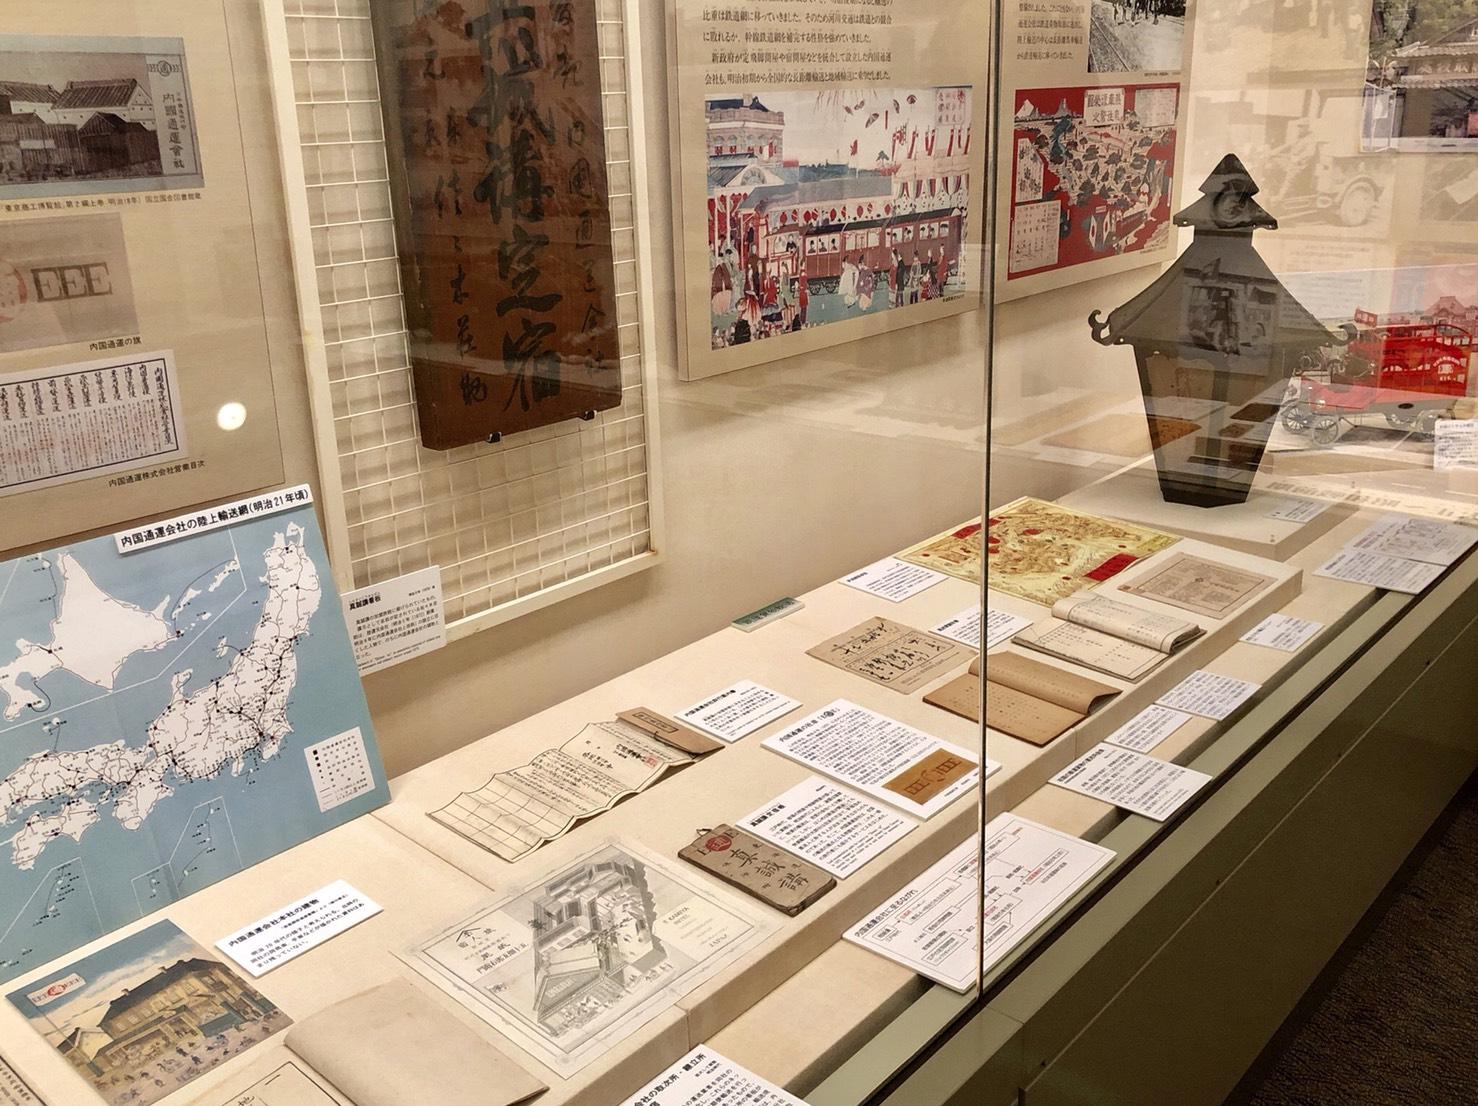 品川の物流博物館の資料